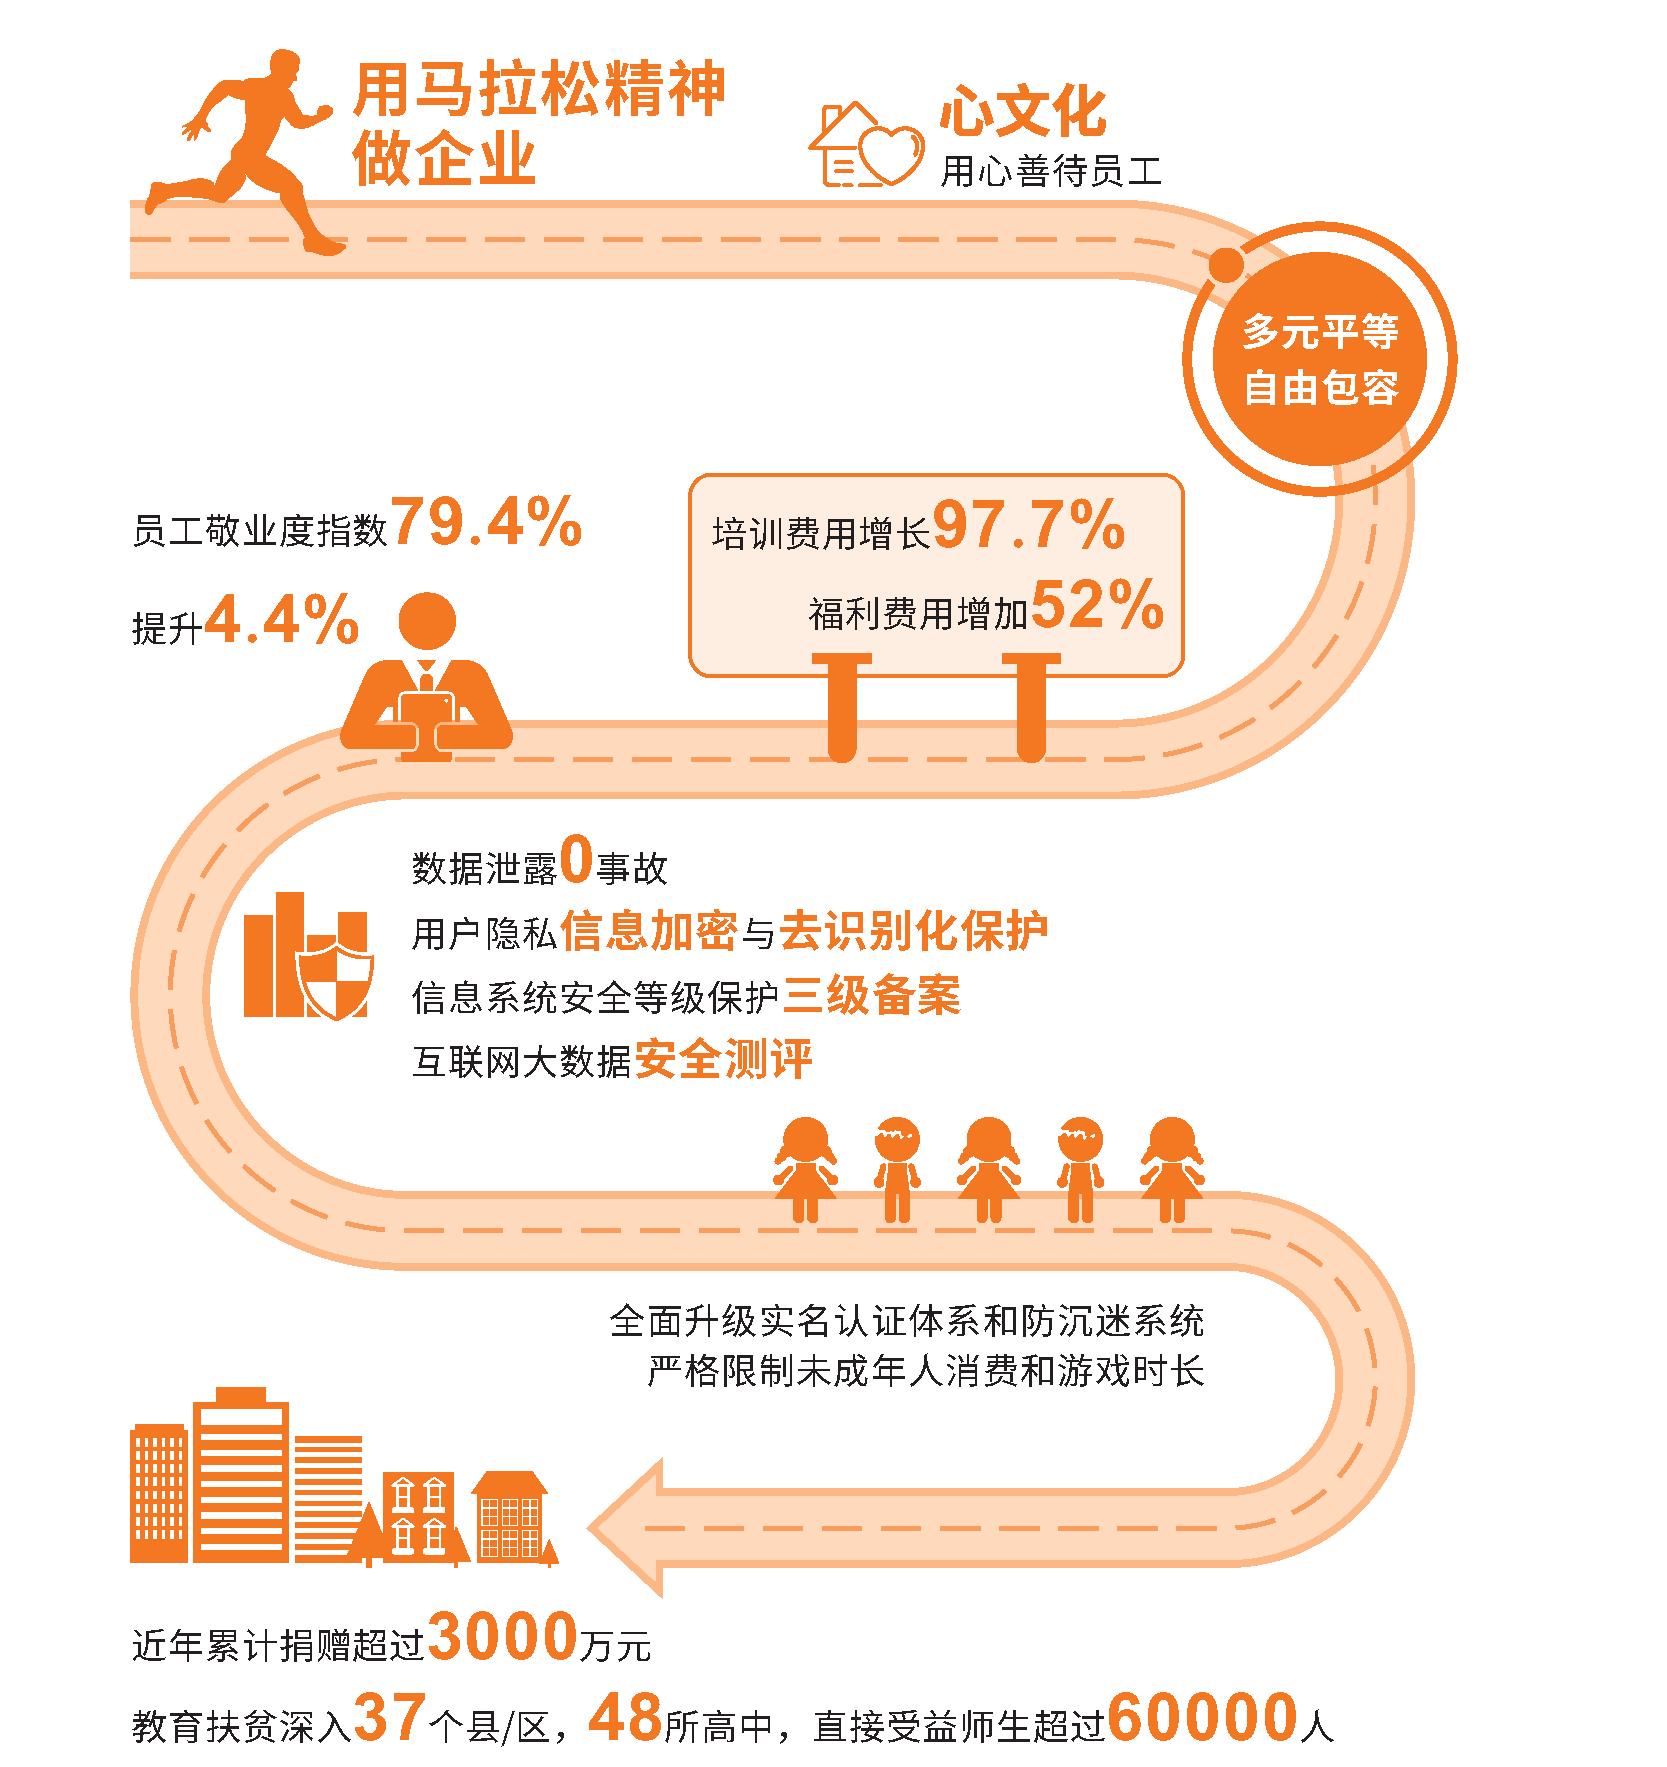 三七互娱发布2019年社会责任报告 首提2025年8项社会责任工作目标